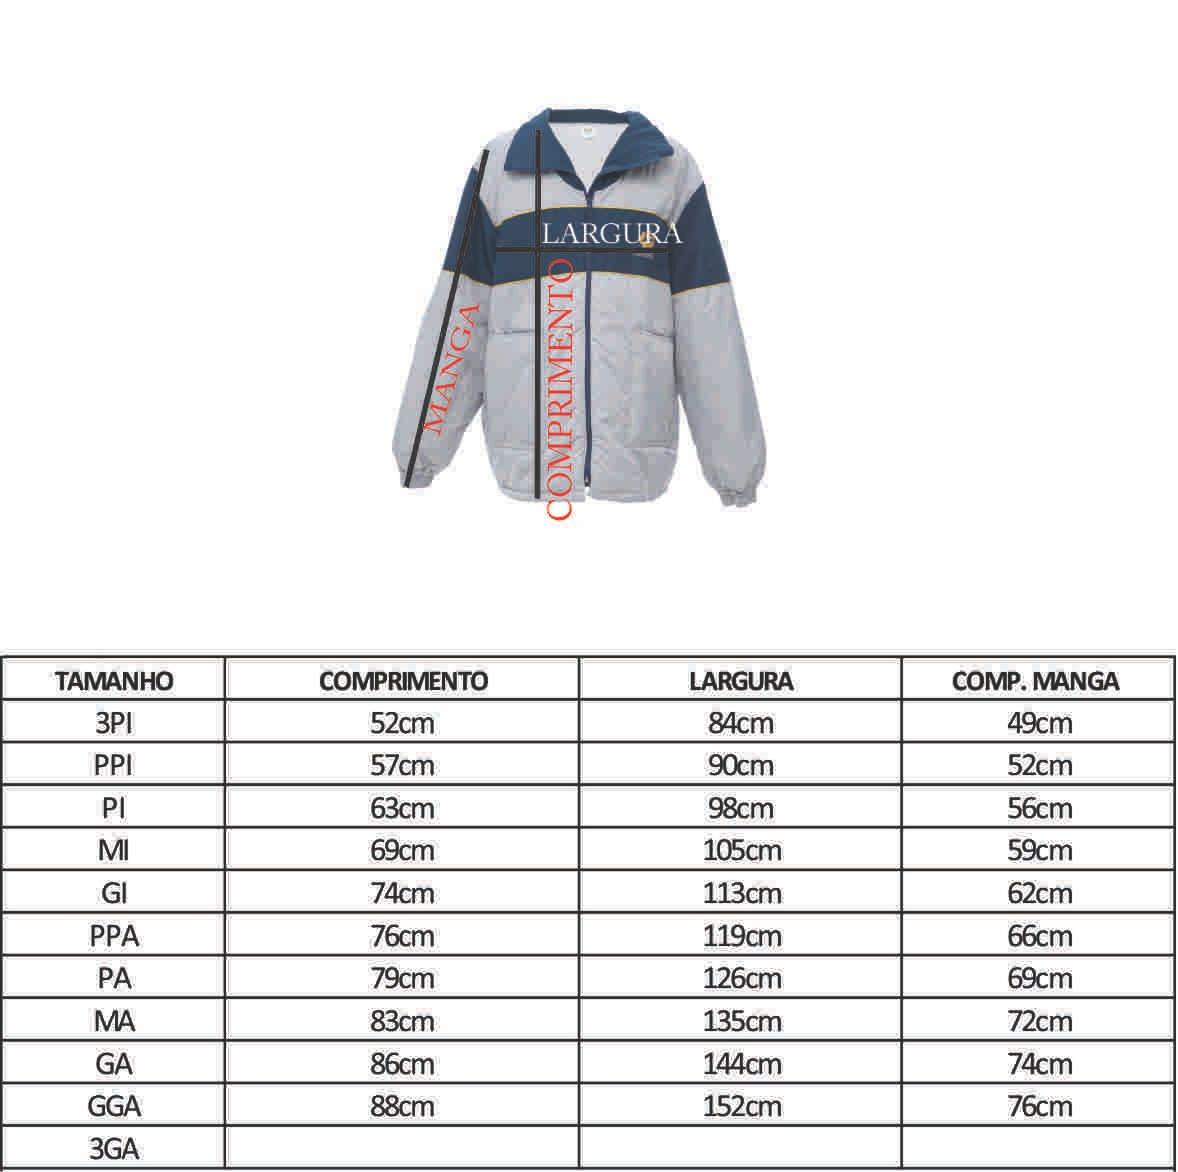 Blusão de Nylon - GI ( 14-36 )